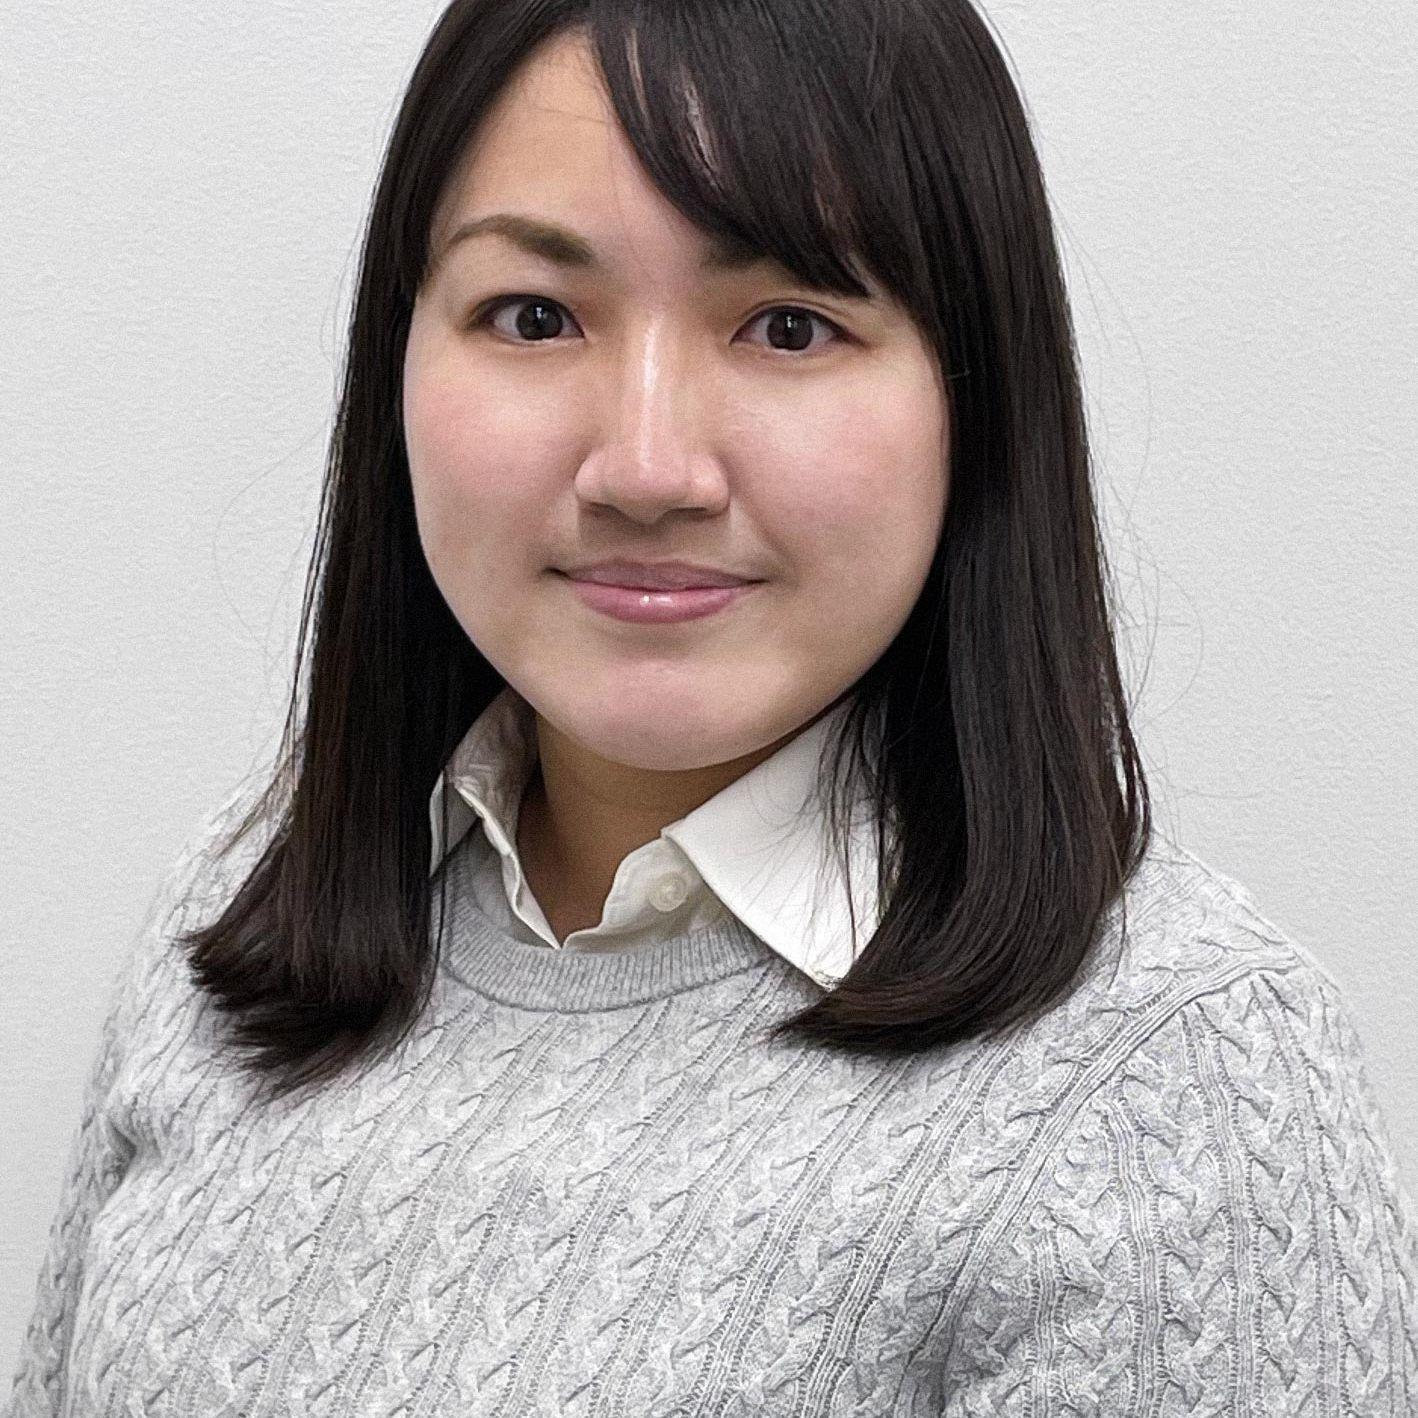 Yukari Nishiyama